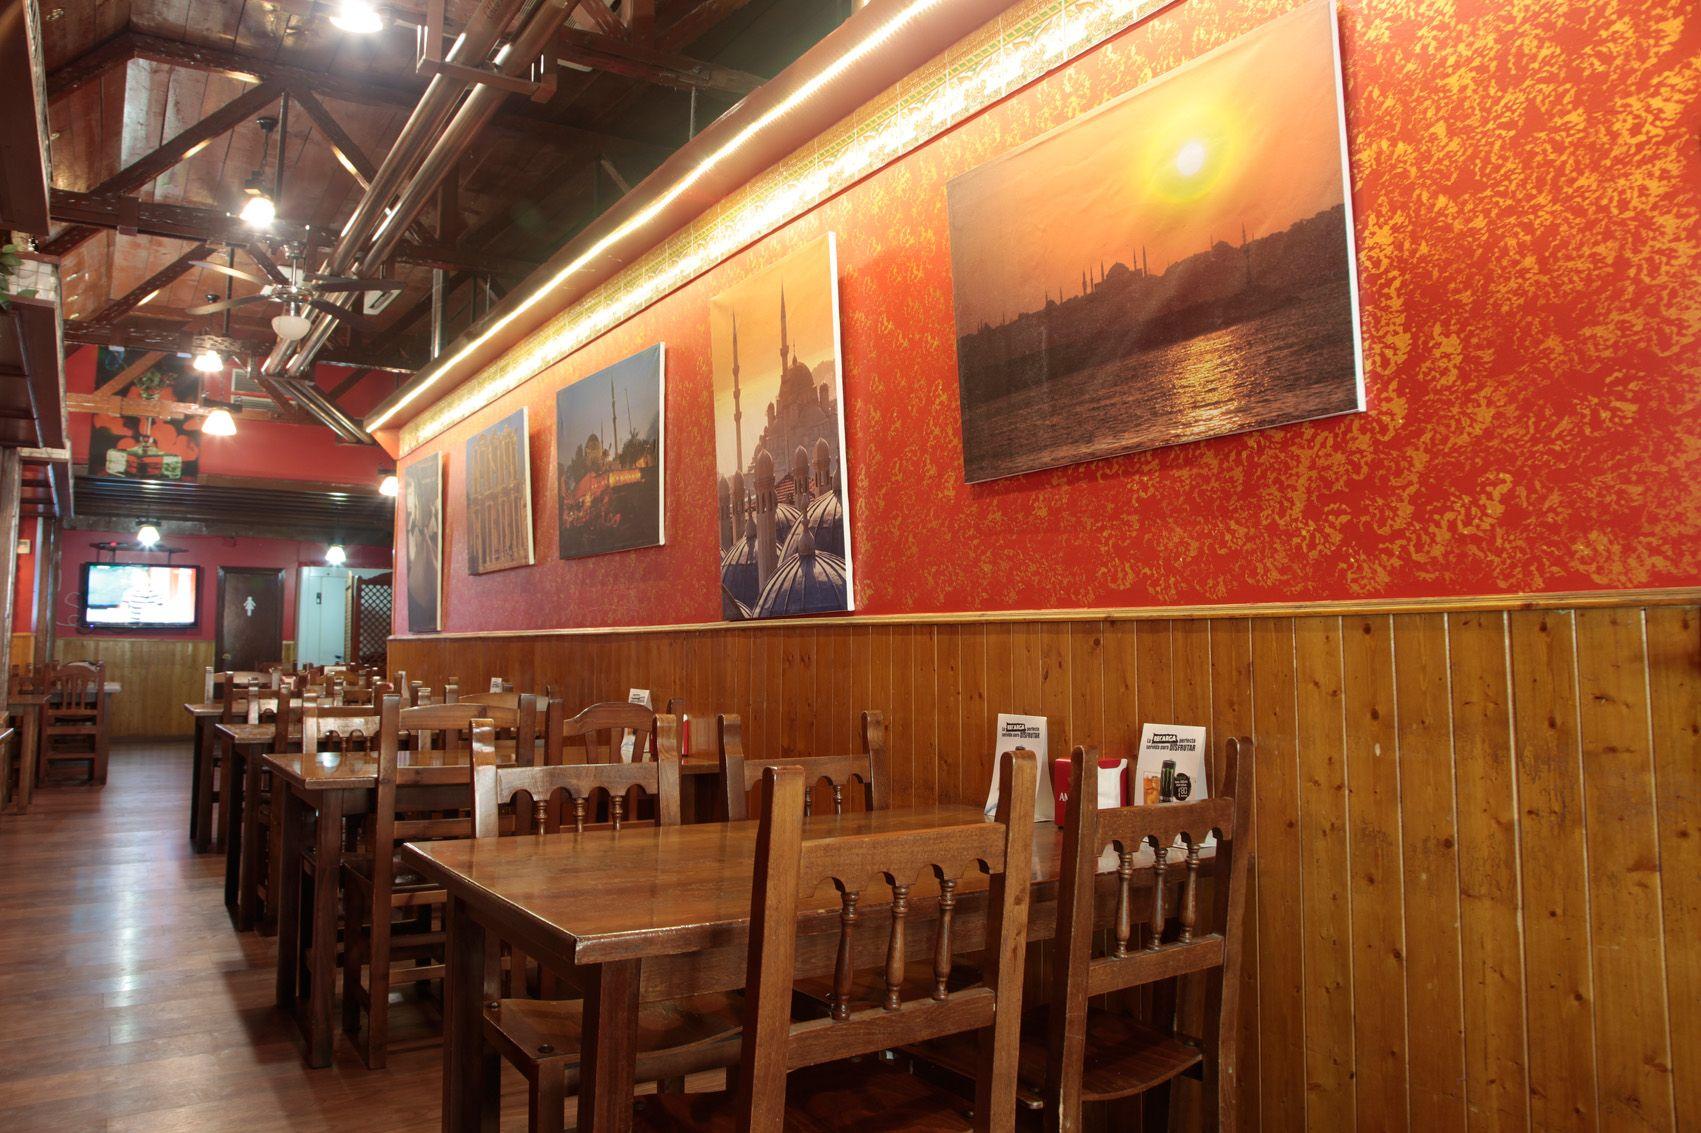 Restaurante de cocina tradicional turca en Zaragoza